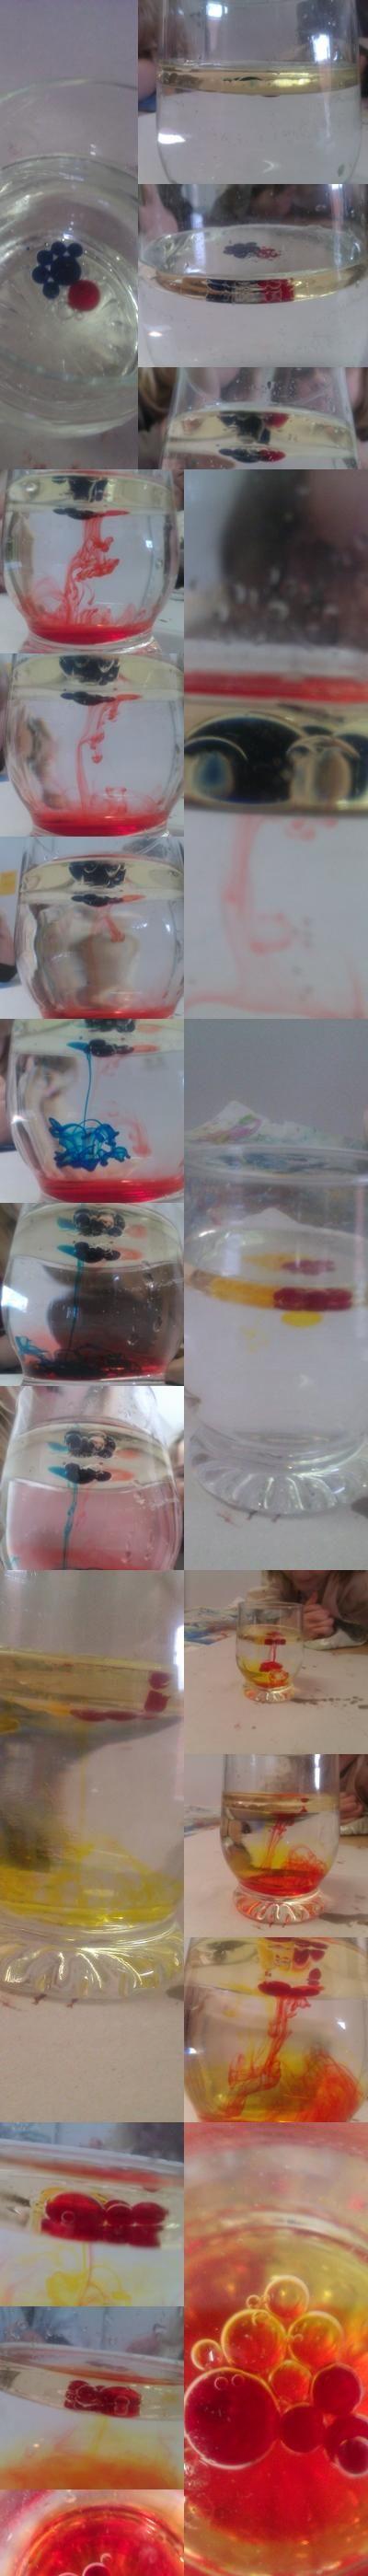 Öl in Wasser    Material: Glas, Wasser, Lebensmittelfarbe, Speiseöl    1.    Glas mit Wasser füllen  2.    Speiseöl hinein geben (Die Öl-Schicht sollte ca. 1-2 cm dick sein)  3.    Lebensmittelfarbe hineintropfen  4.    Beobachten  HAVE FUN :)